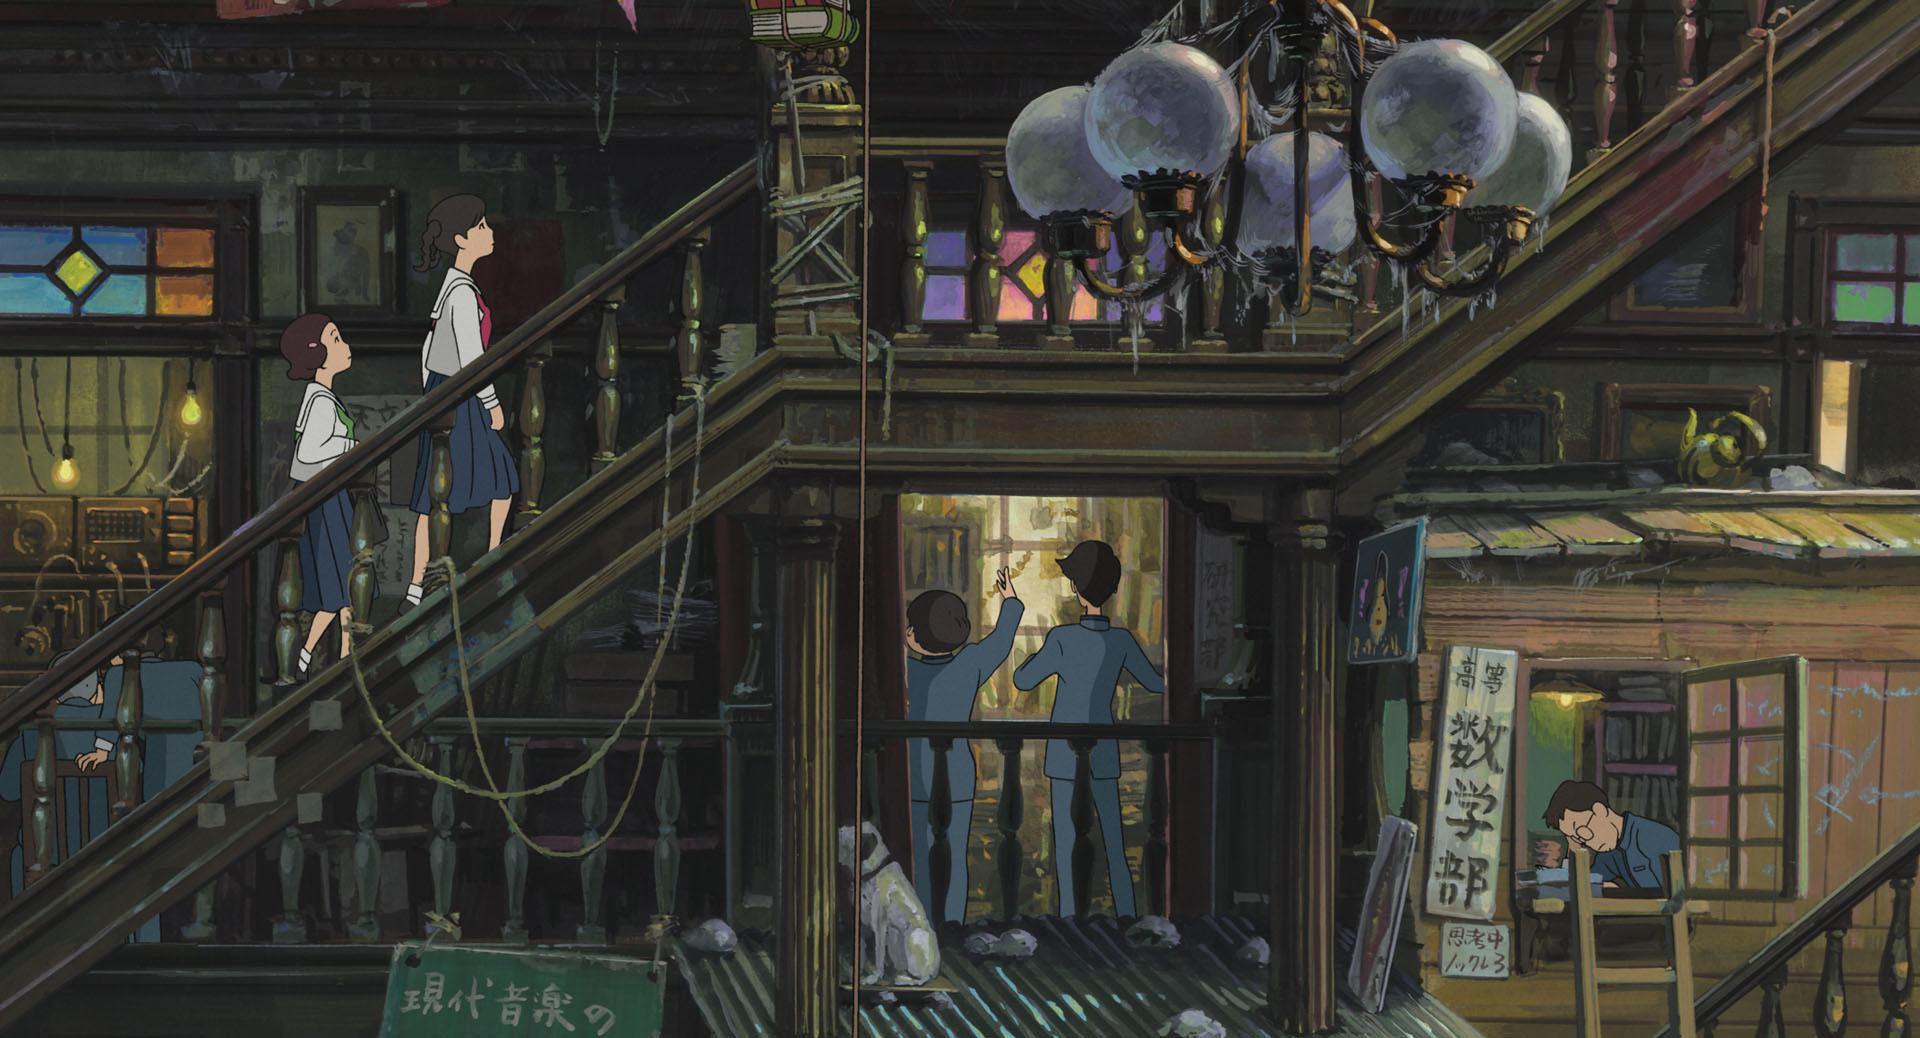 Studio Ghibli stellt Szenenfotos beliebter Filme kostenfrei zur freien Verfügung | Animations Ikonen pur